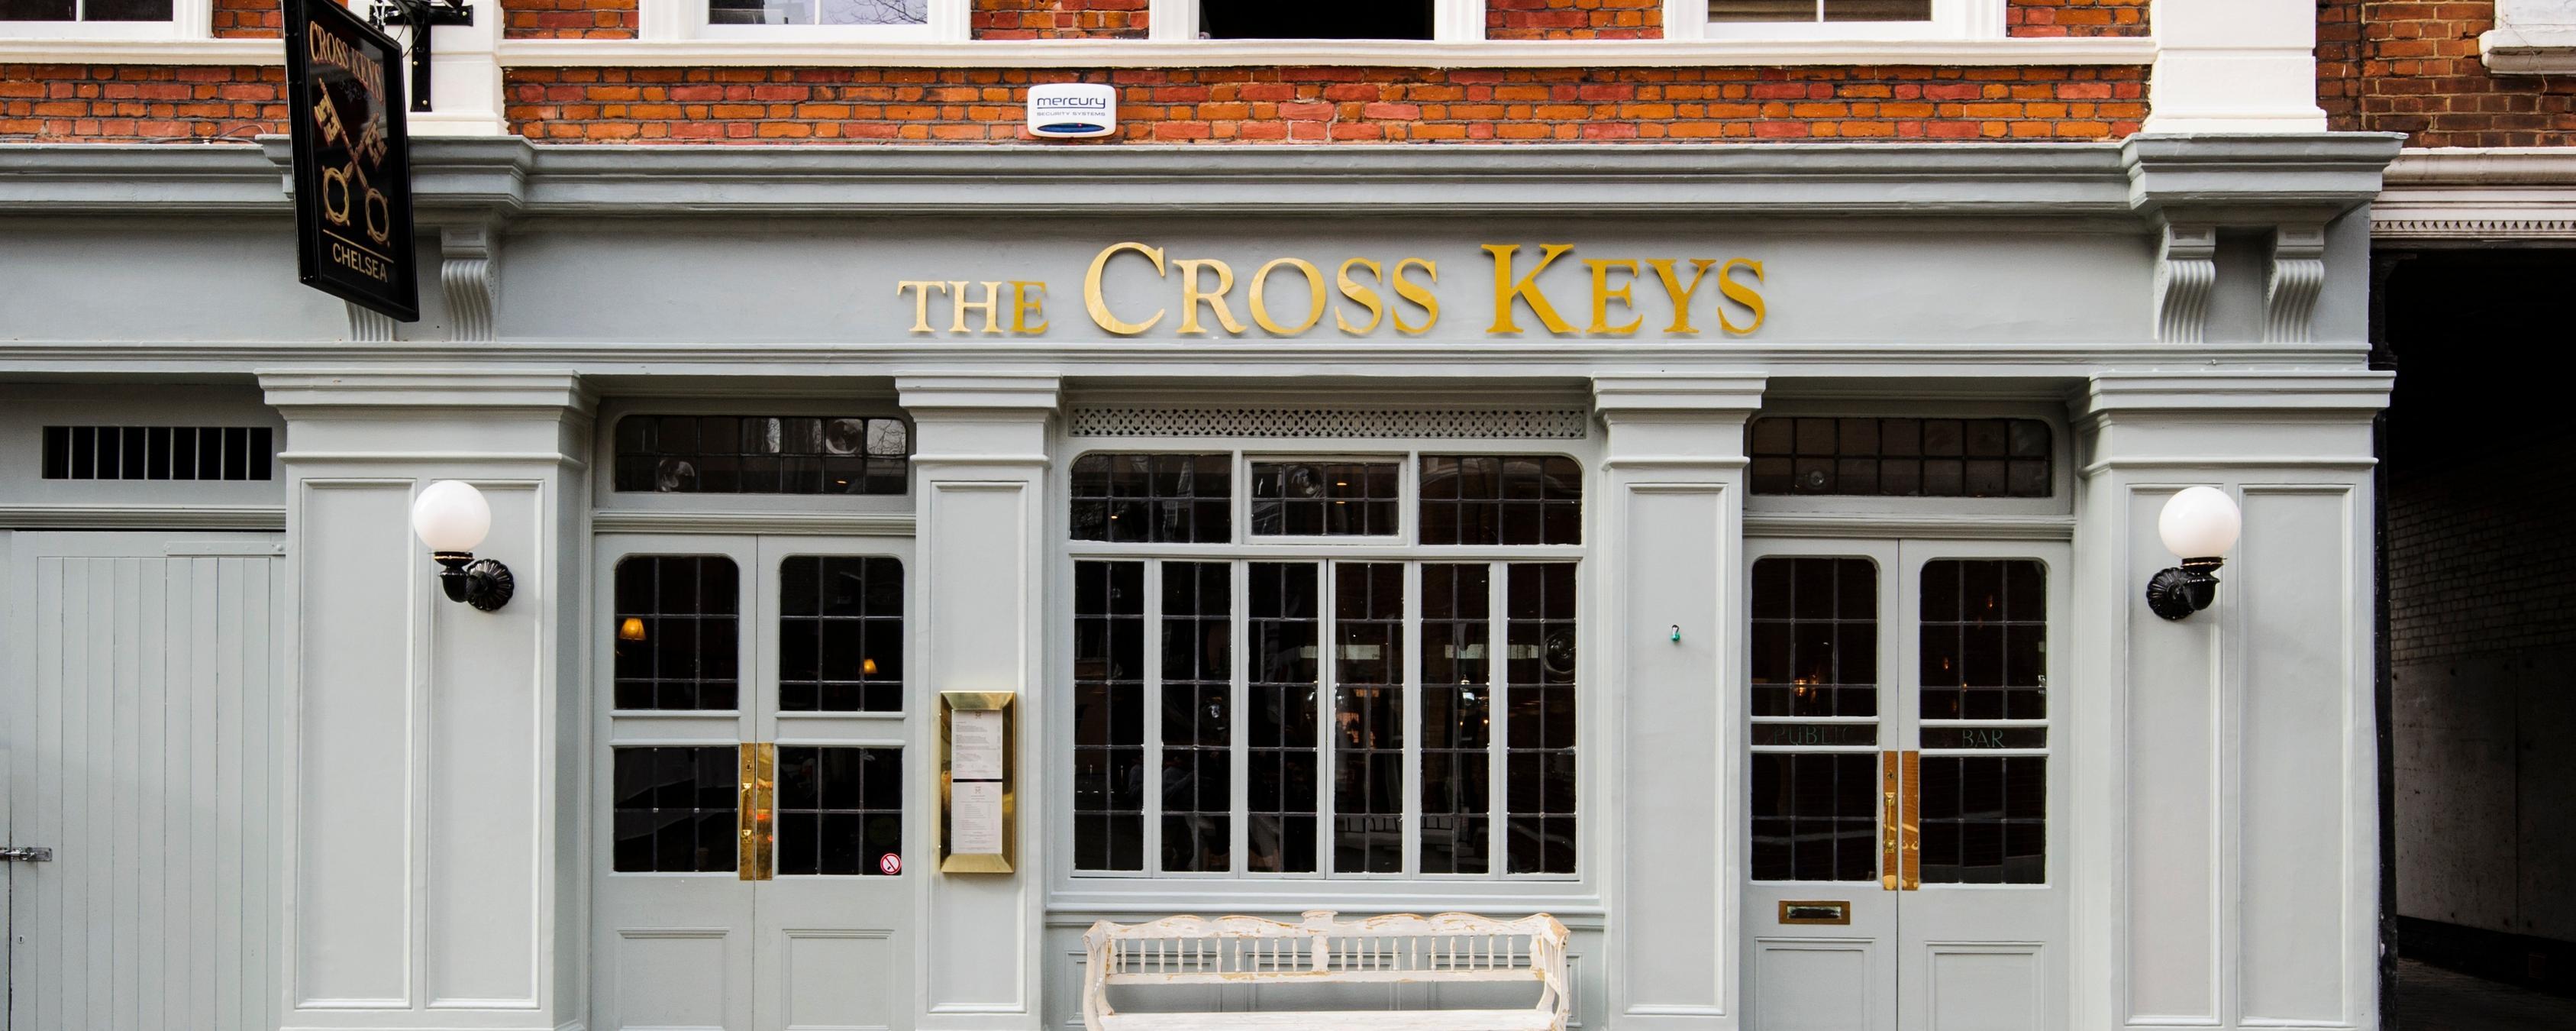 The Cross Keys Brand Cover